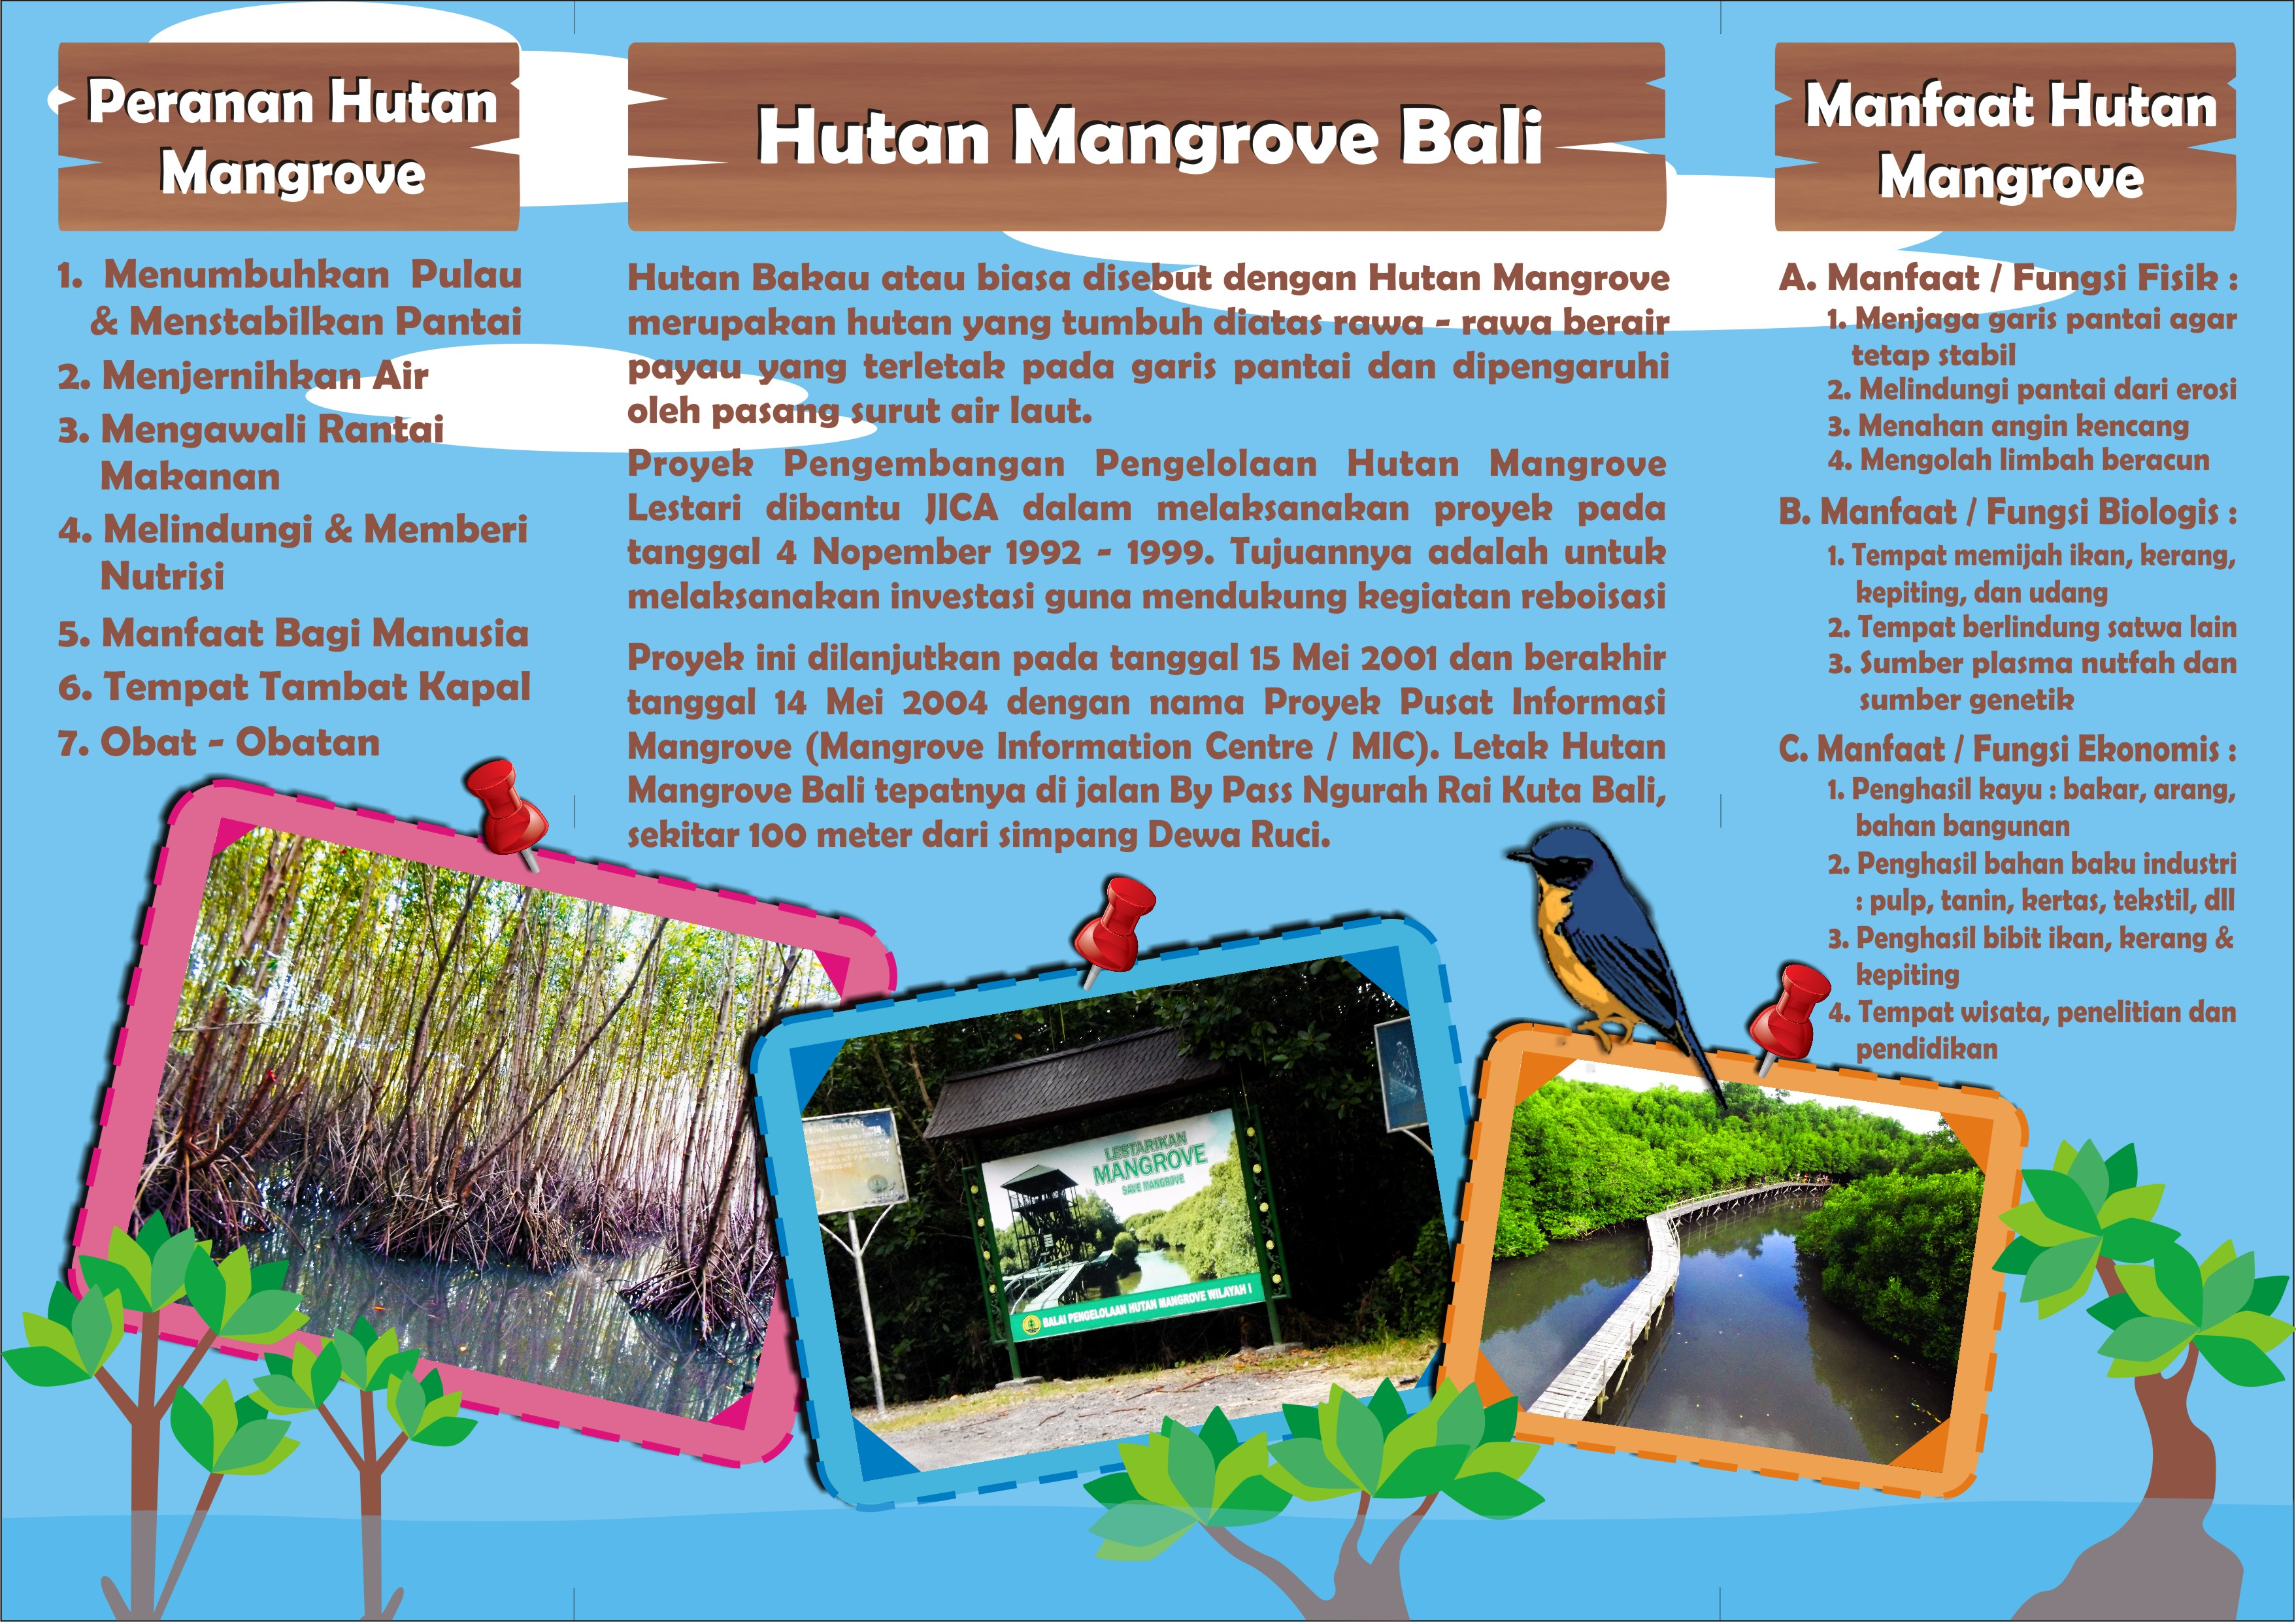 Brosur Hutan Mangrove Bali Desain Komunikasi Visual Depan Wisata Bakau